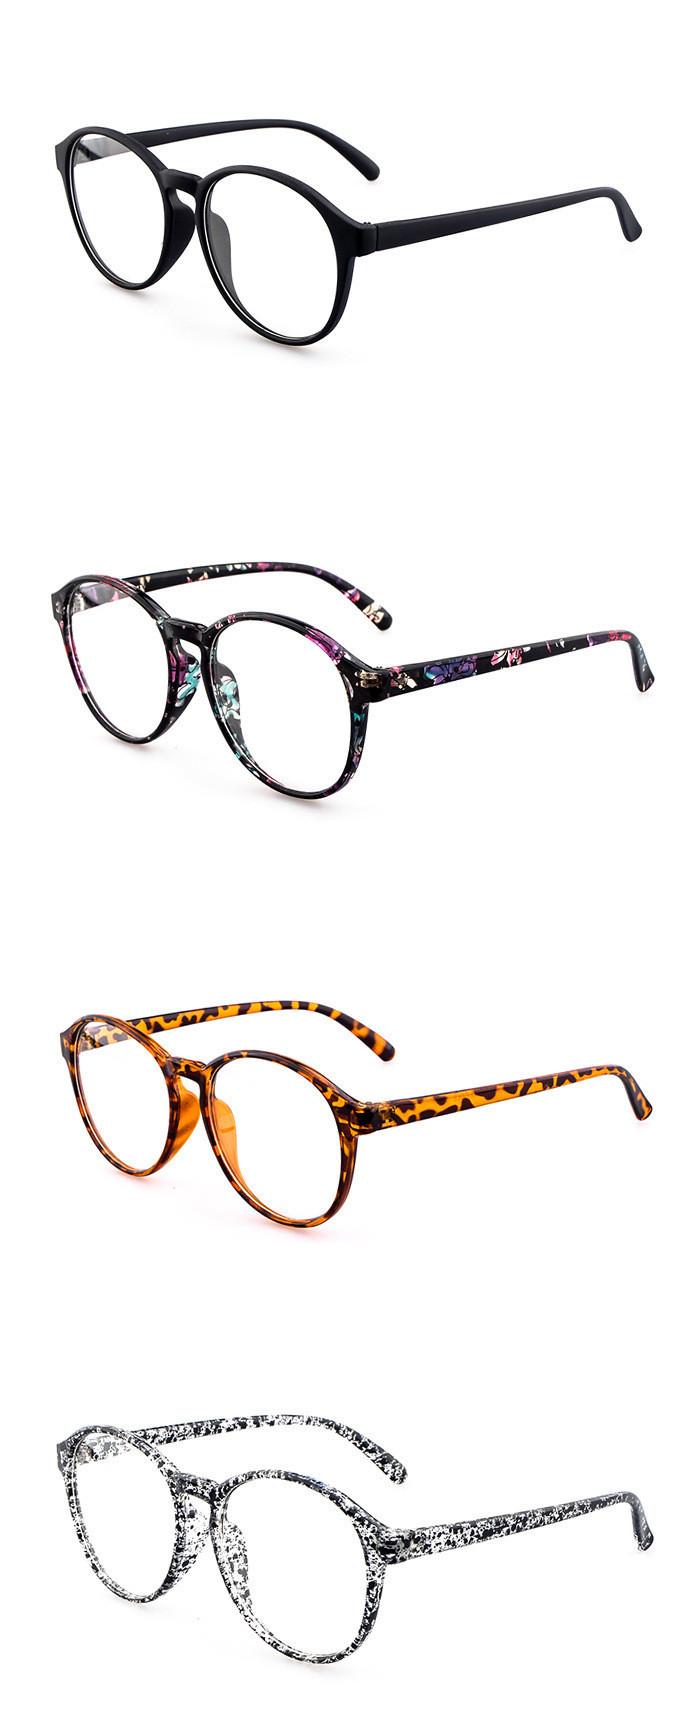 ▻2017 Baru Kacamata Retro Putaran Wanita pria Eyewear Kacamata Bingkai  UV400 Kacamata anti-kelelahan Oculos De Sol Gafas - a250 51c9aeaff7